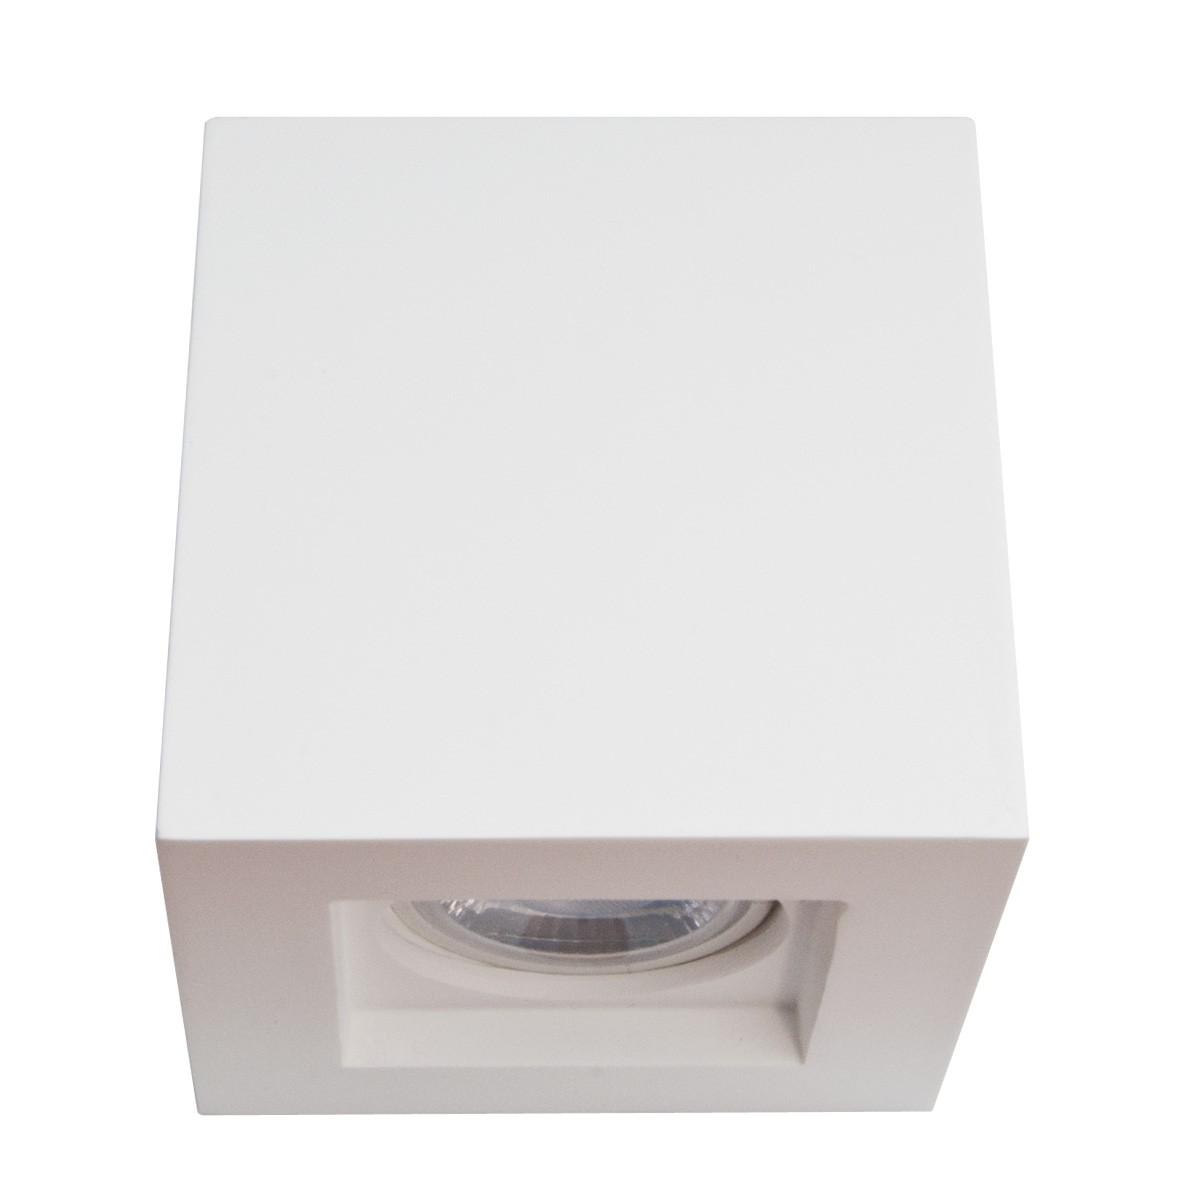 Spot cubico in gesso isyluce gu10 a soffitto per interno - Portapentole da soffitto ...